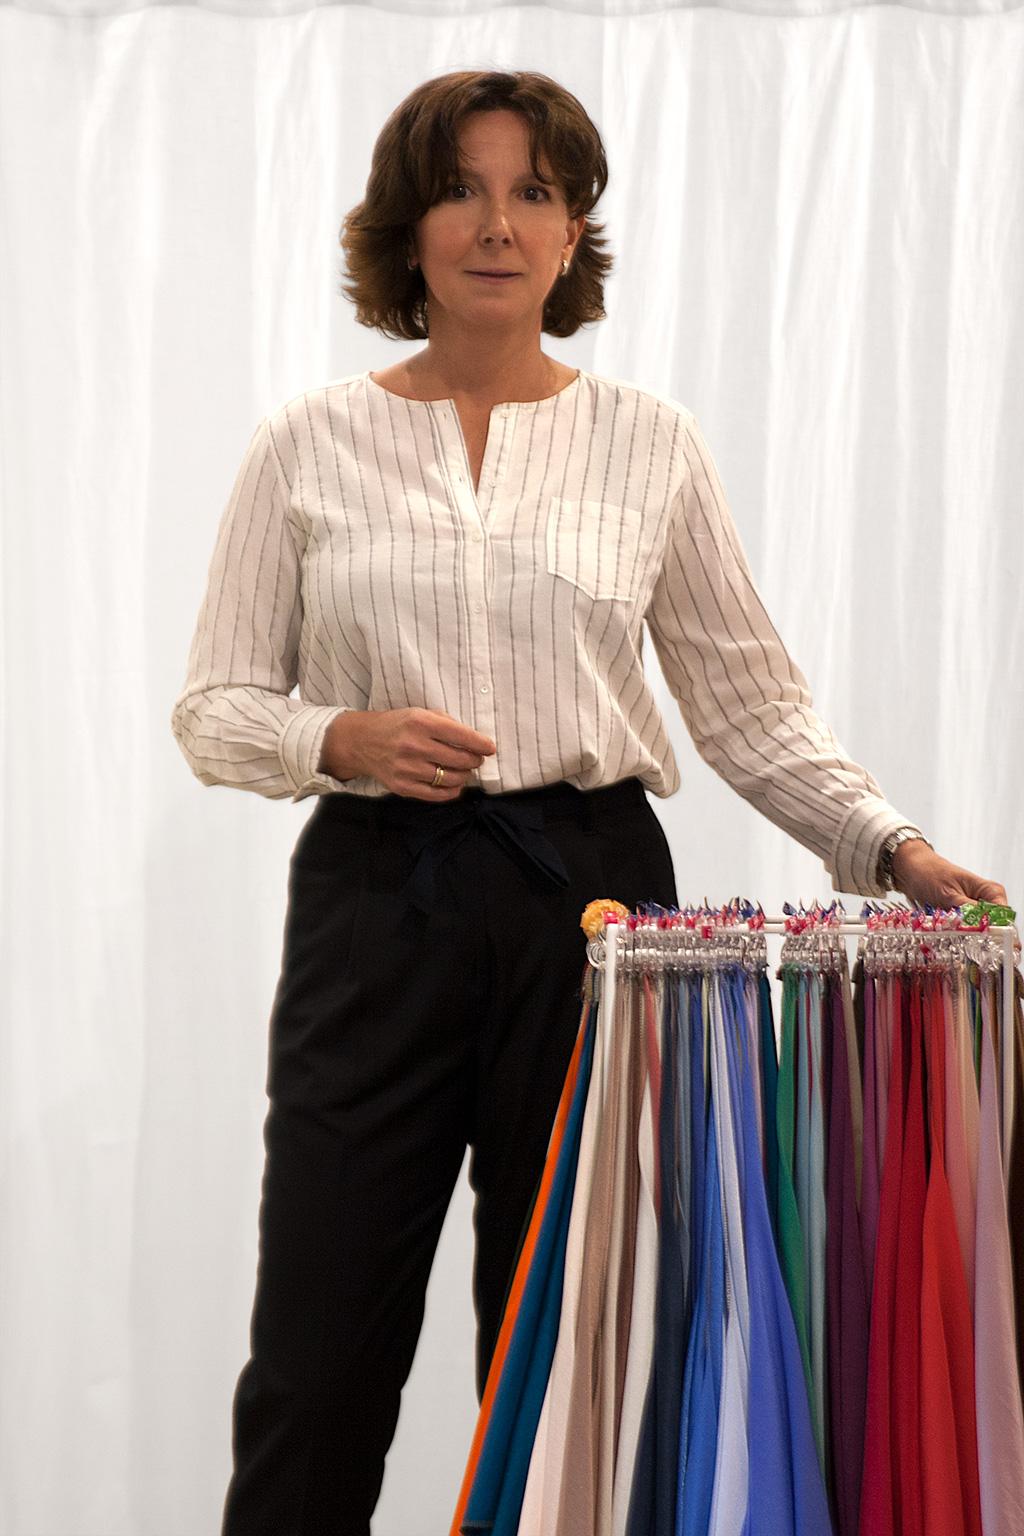 Inés de la Peña, asesora de imagen, posando con prendas de la tienda Ocre.